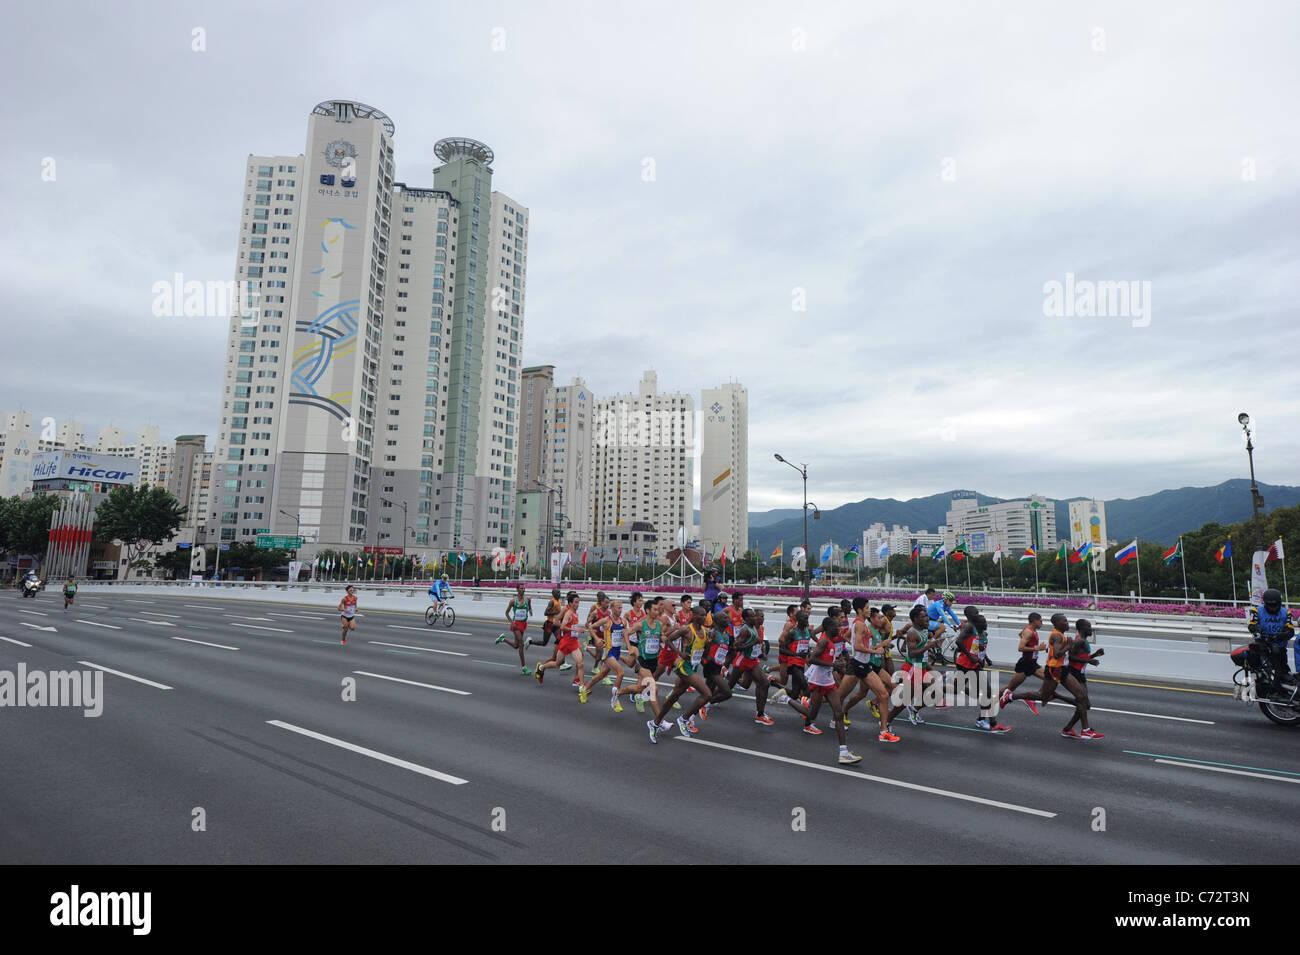 Vista generale di Uomini Maratona per la tredicesima IAAF Campionati del Mondo di atletica leggera. Immagini Stock